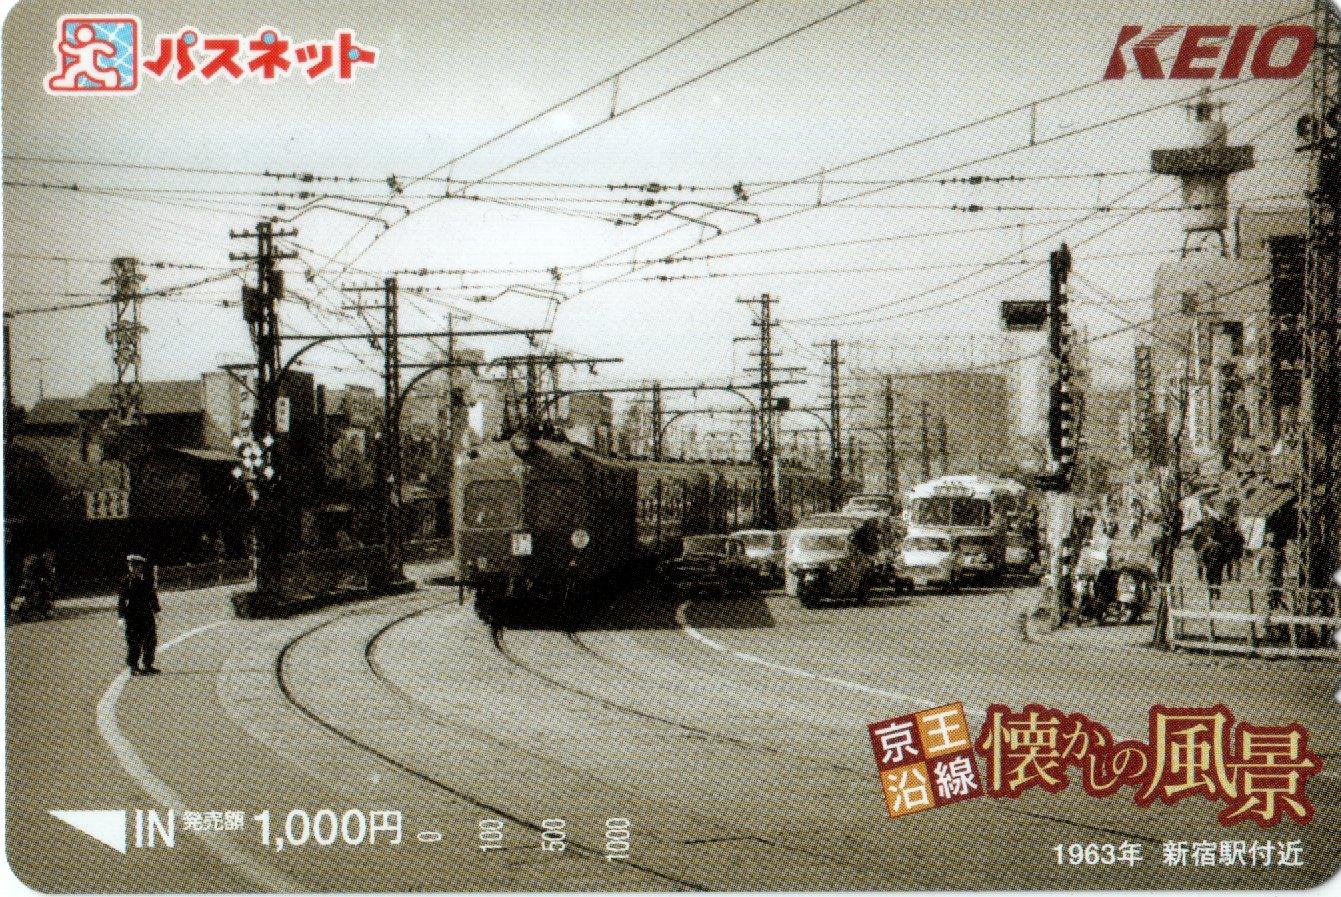 Keio Shinjuku 1963